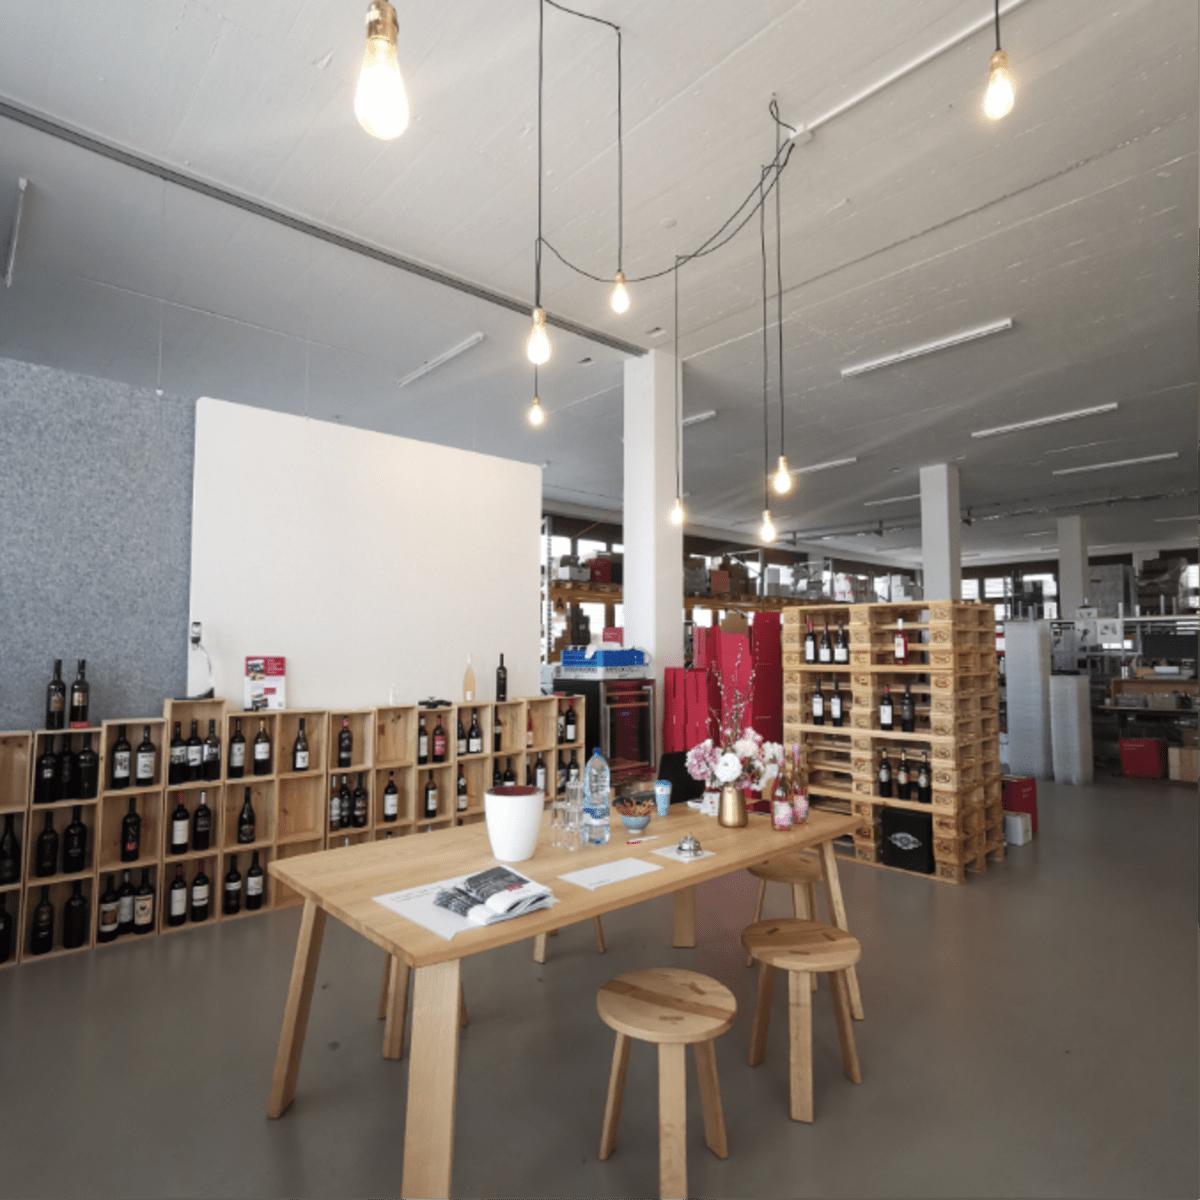 Degustationsstisch - Warehouse Store